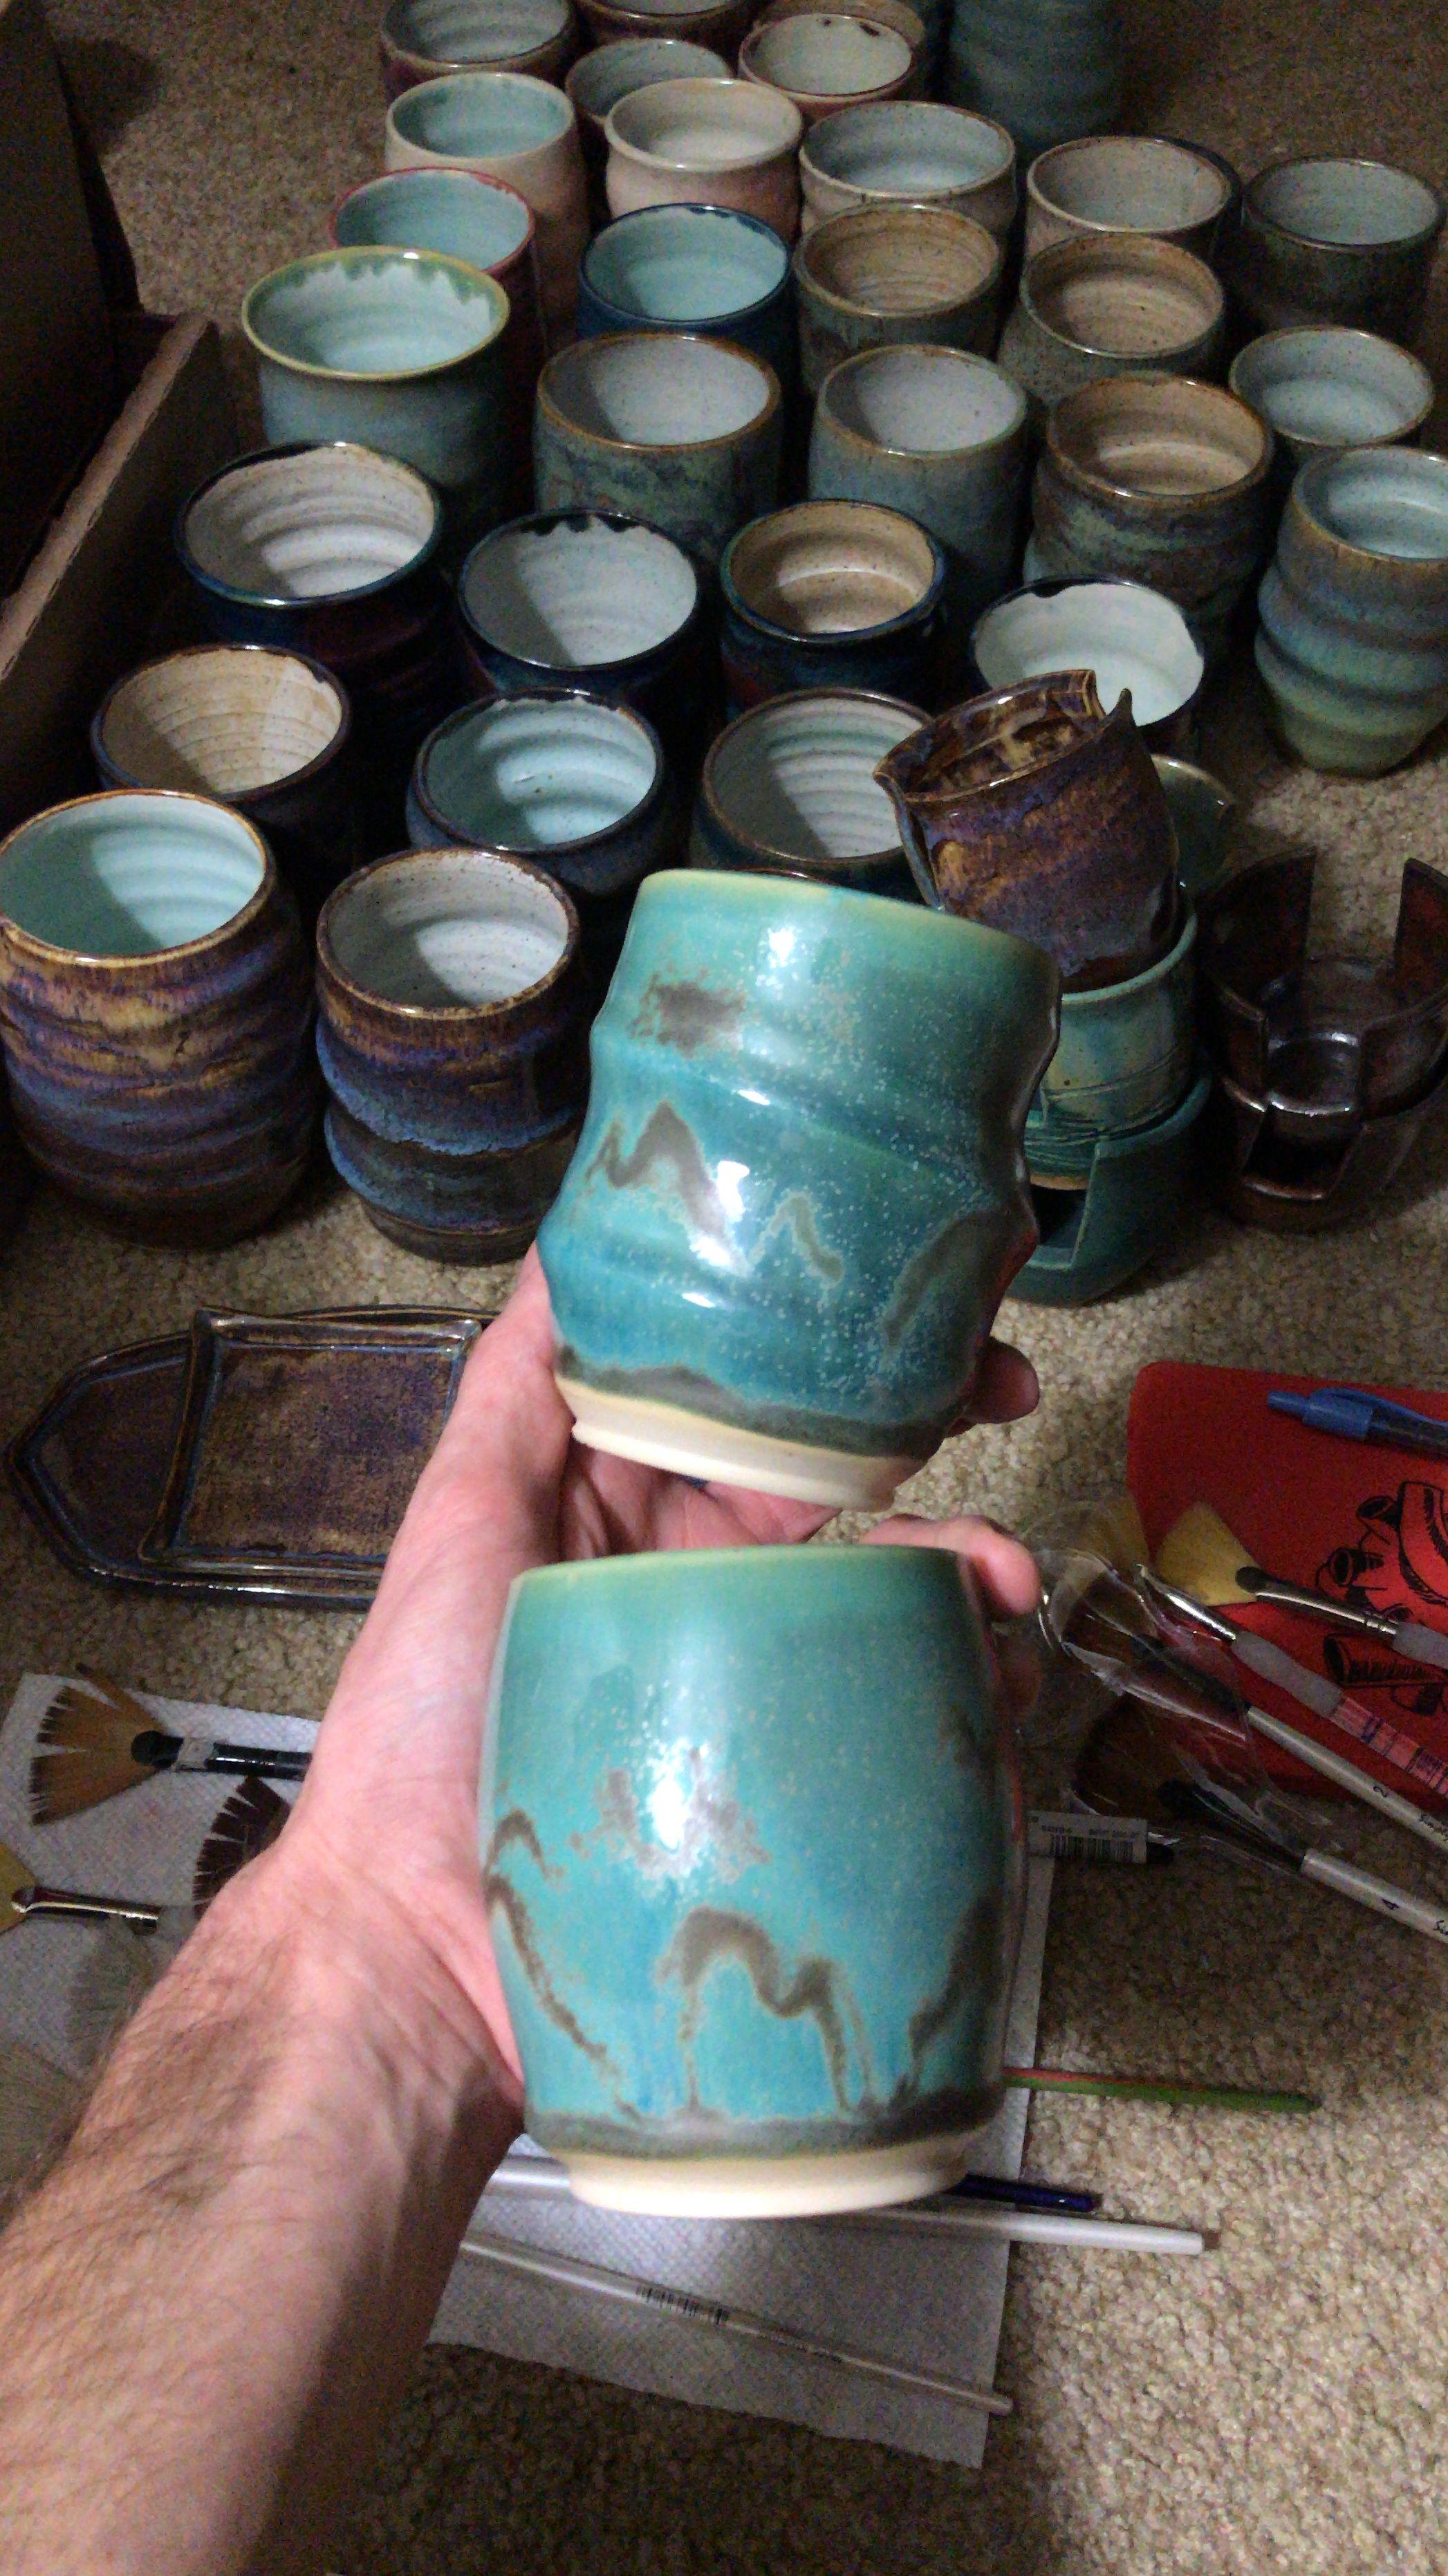 Pasceramics Coyote Glaze Pottery Glazes Glaze Pottery